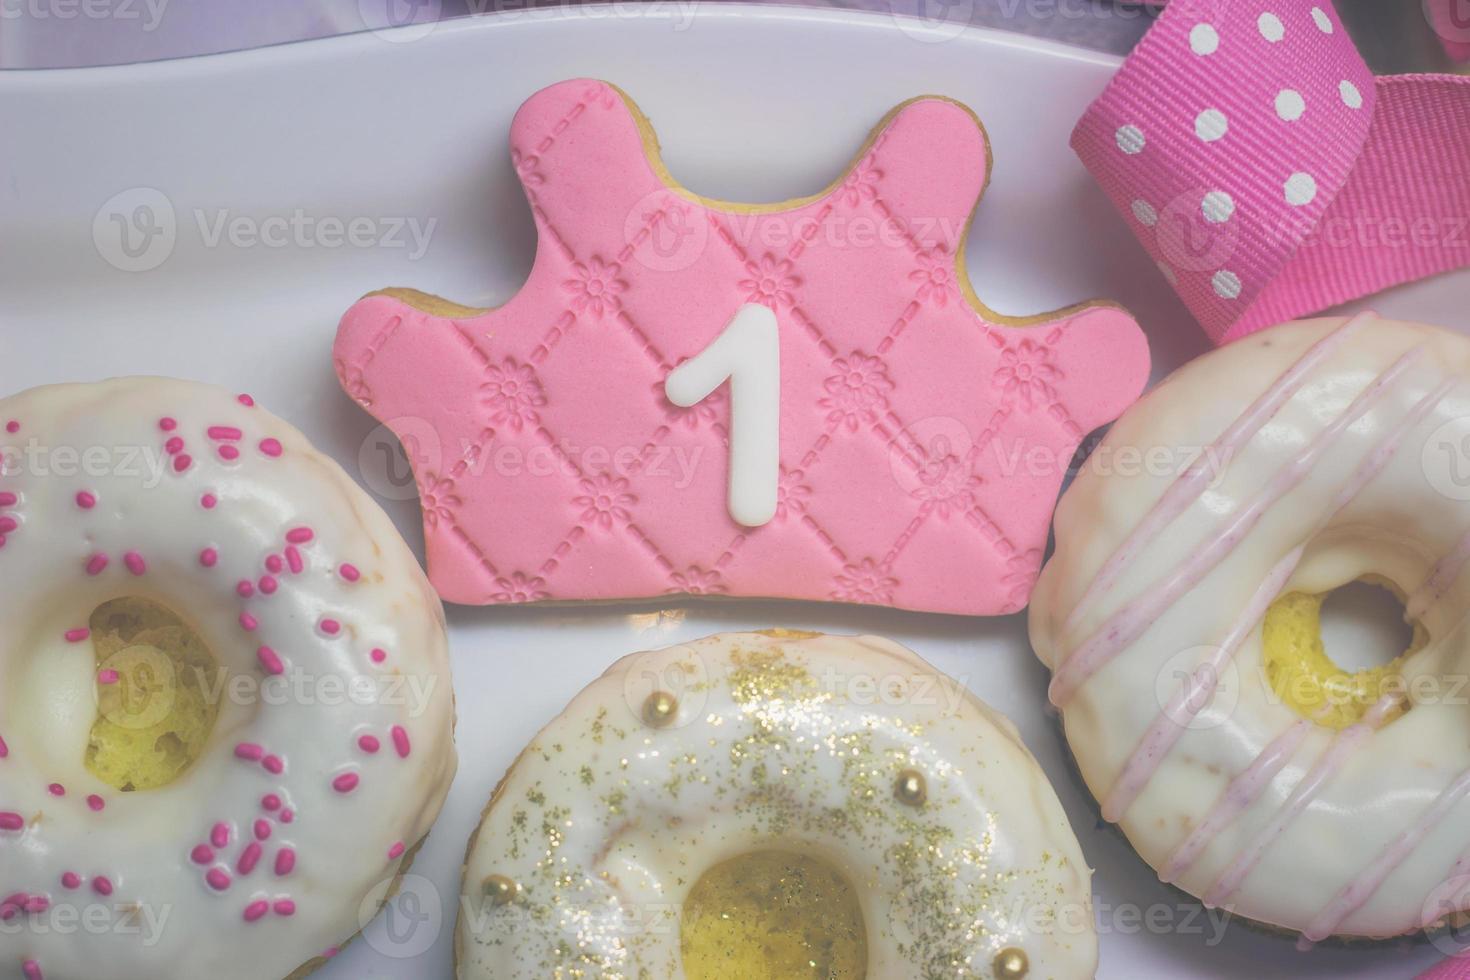 biscuits du premier anniversaire - biscuit en forme de couronne de glaçage royal et beignets décorés photo